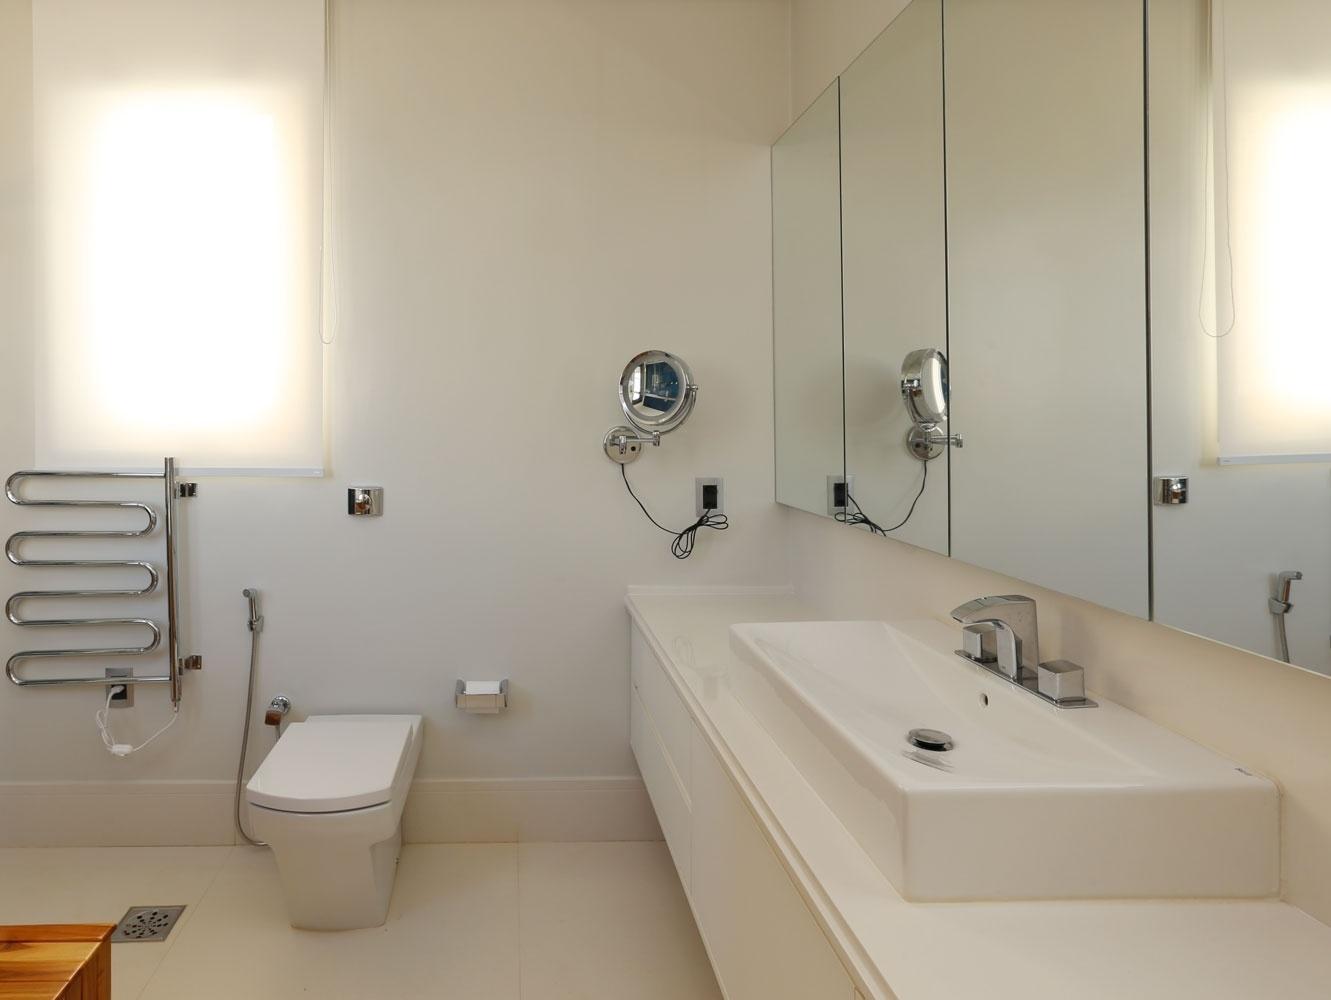 Banheiros: sugestões para decoração tendo muito ou pouco espaço  #A46D27 1331x1000 Banheiro Azulejo Ou Tinta